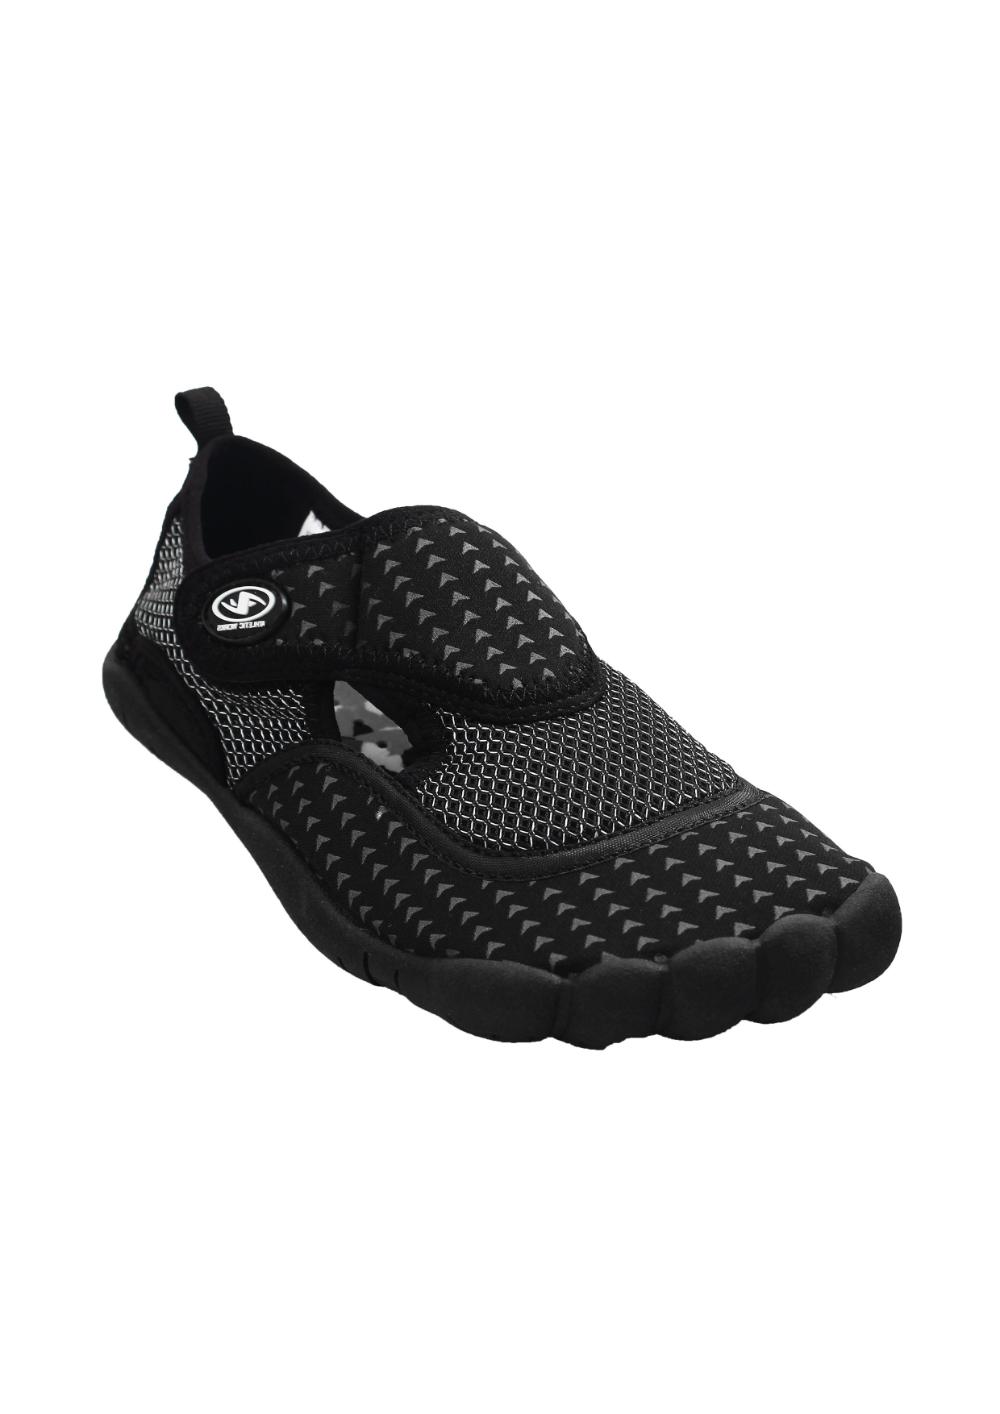 37+ Mens water shoes walmart ideas ideas in 2021